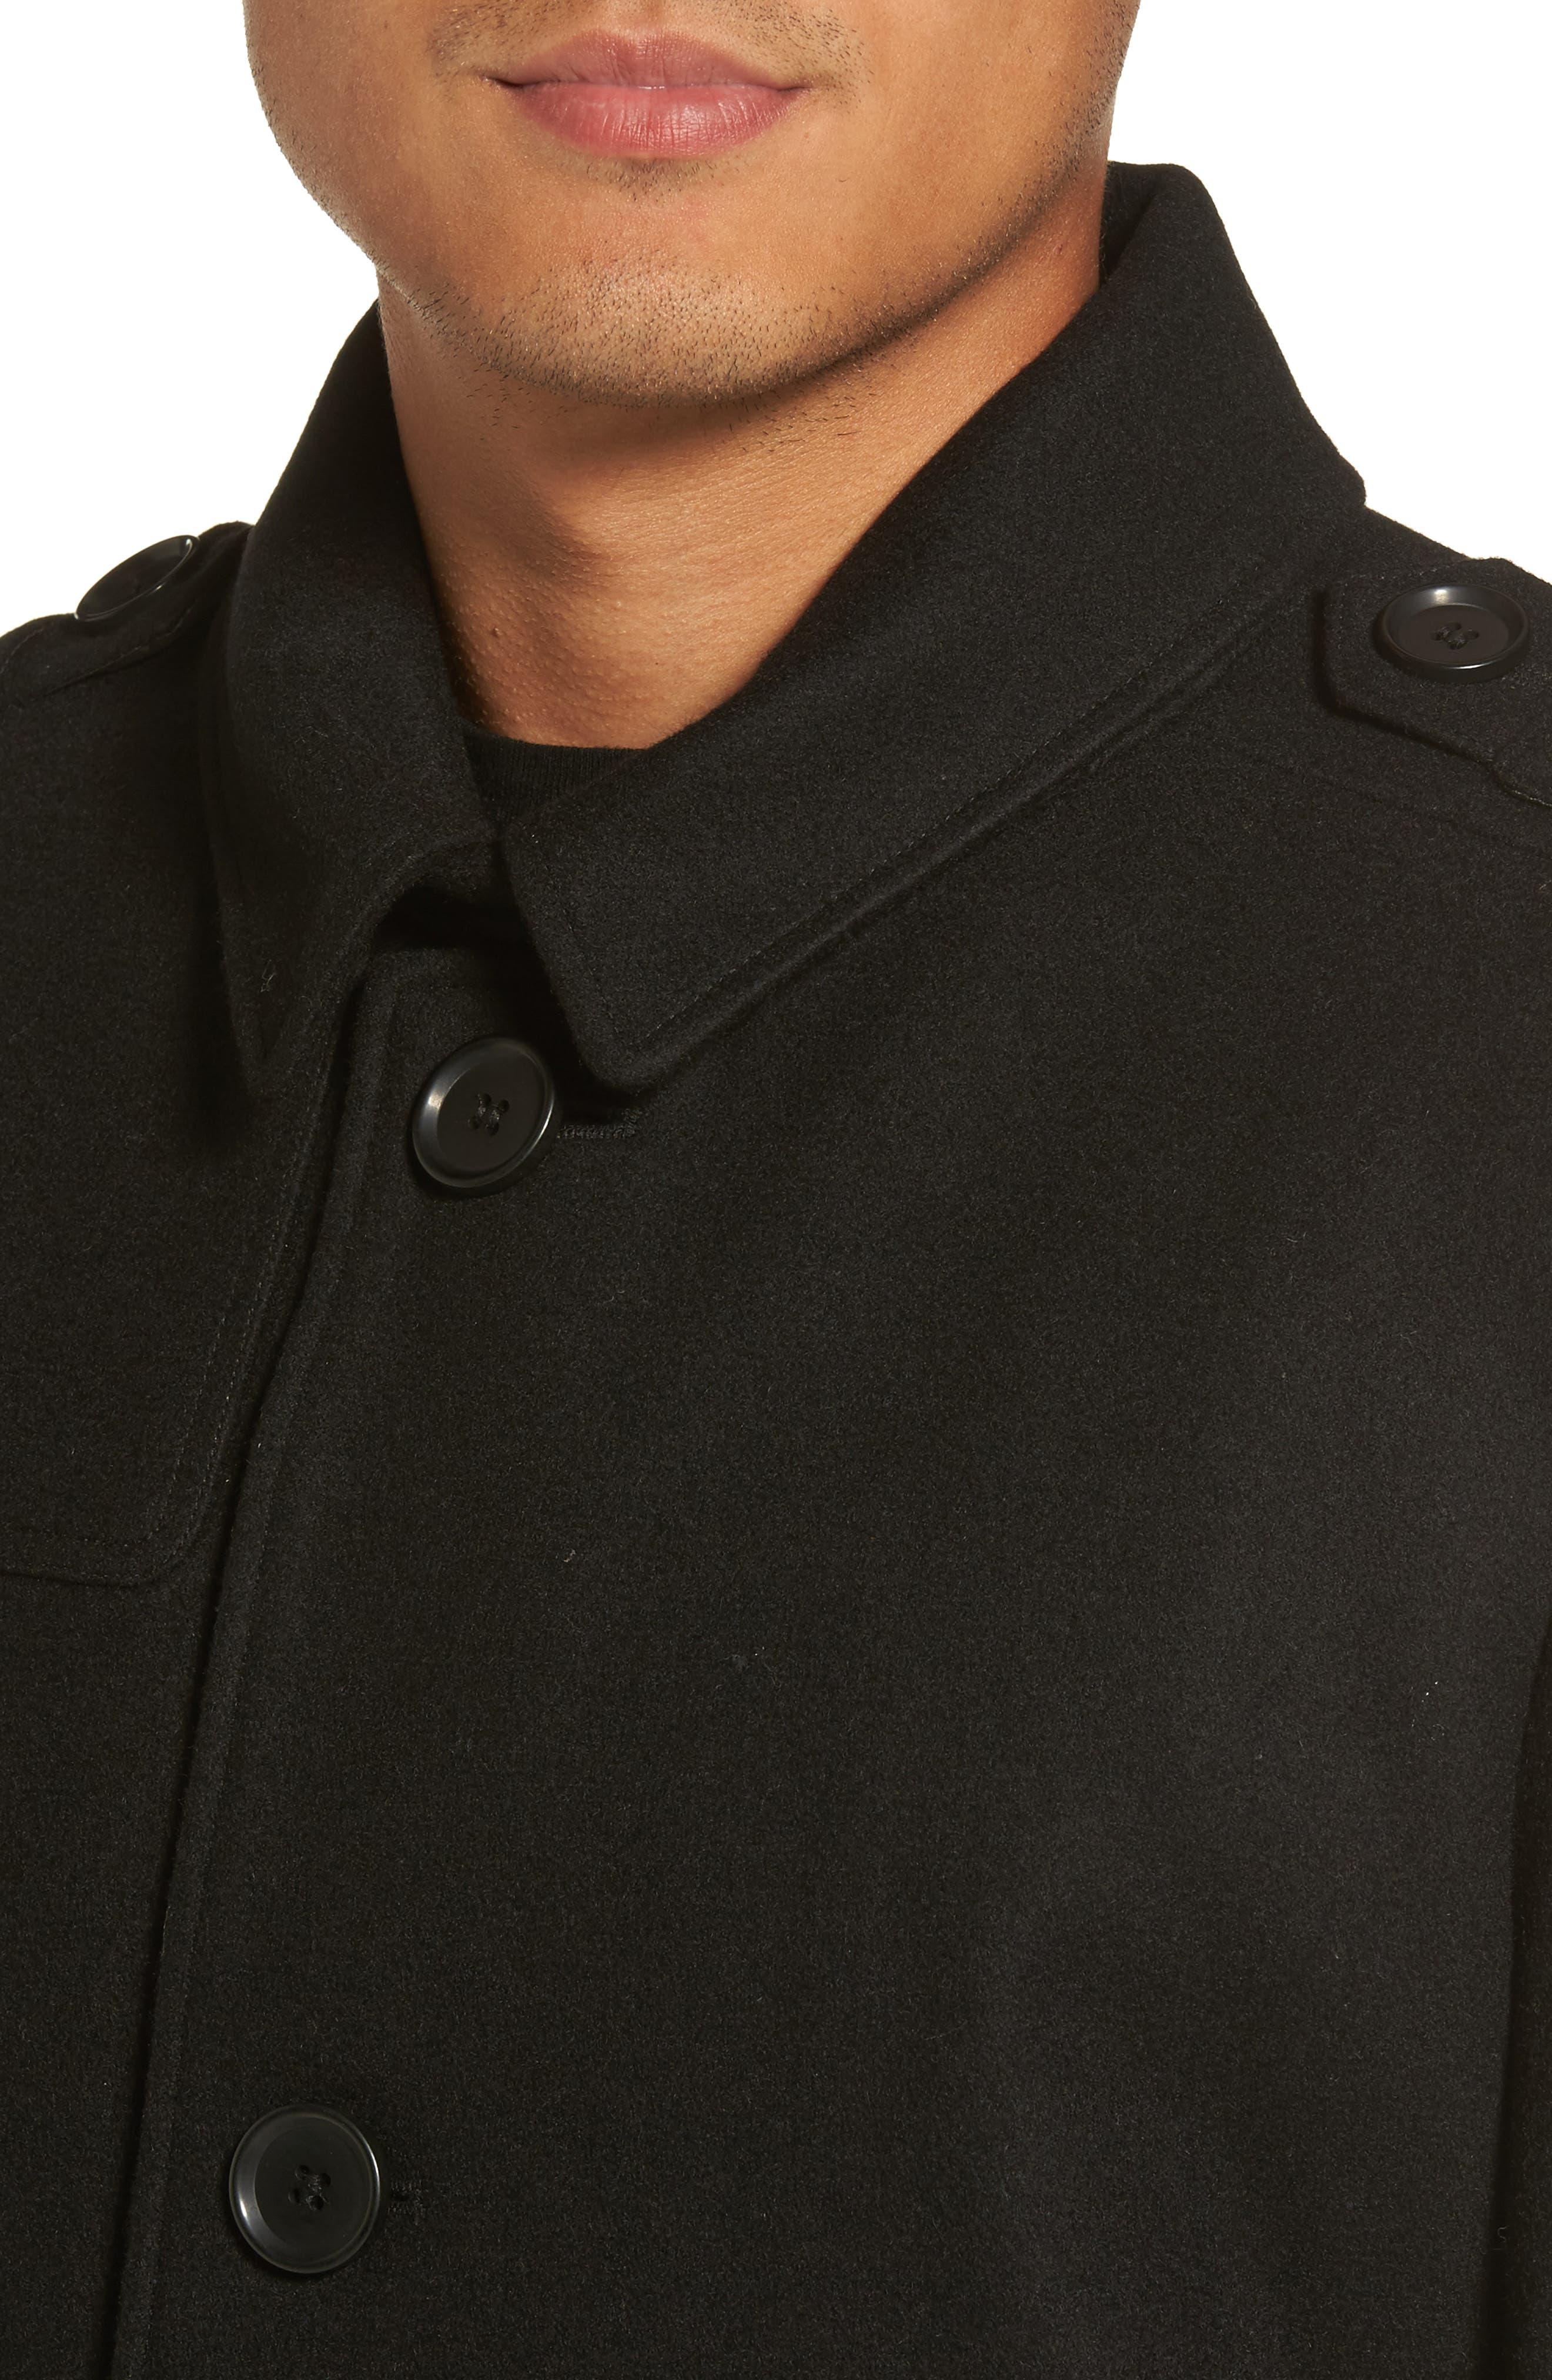 Wool Blend Overcoat,                             Alternate thumbnail 4, color,                             001